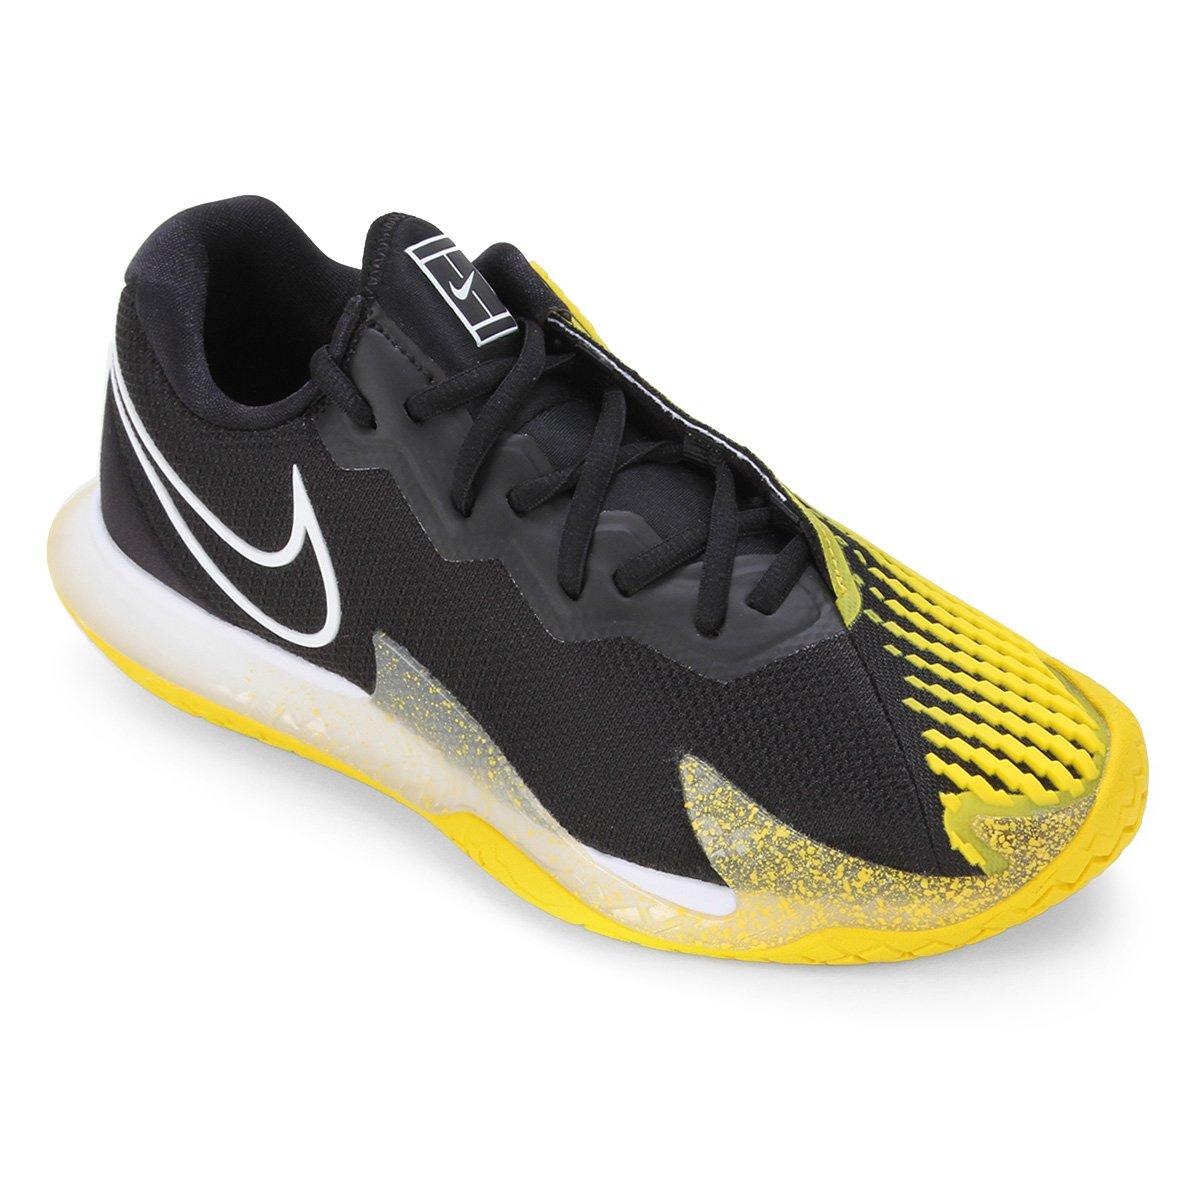 Tenis Nike Air Zoom Vapor Cage 4 HC Preto e Amarelo